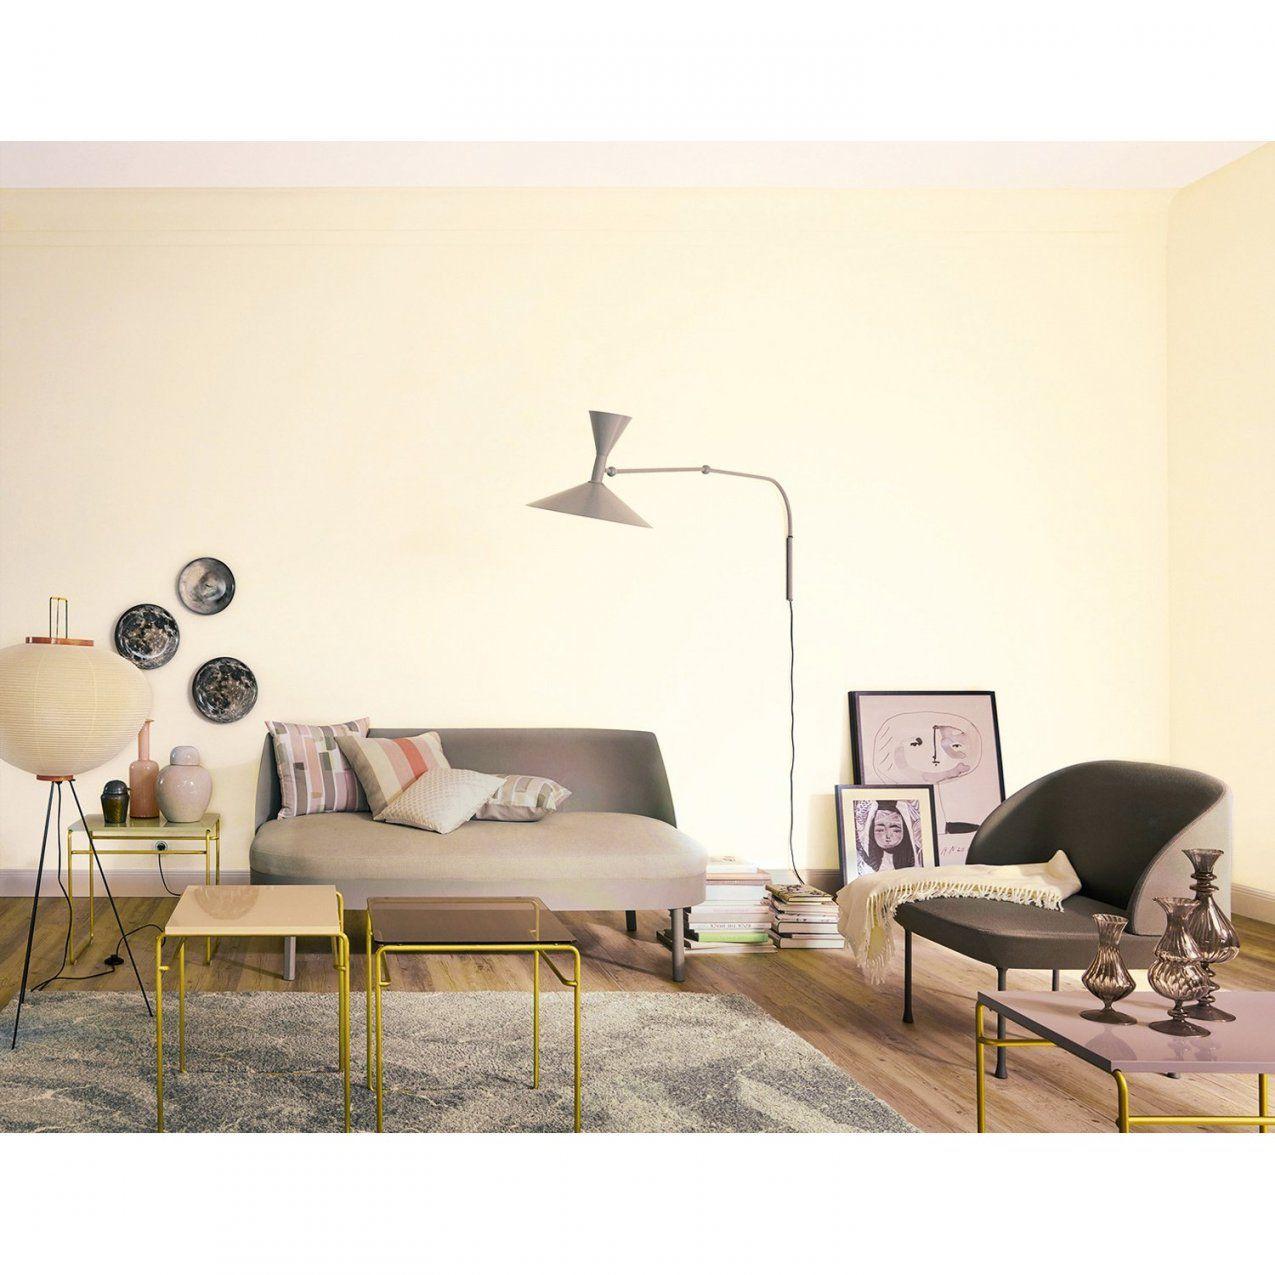 Schöner Wohnen Trendfarbe Cashmere Seidenglänzend 25 L Kaufen Bei Obi von Schöner Wohnen Farbe Grün Bild